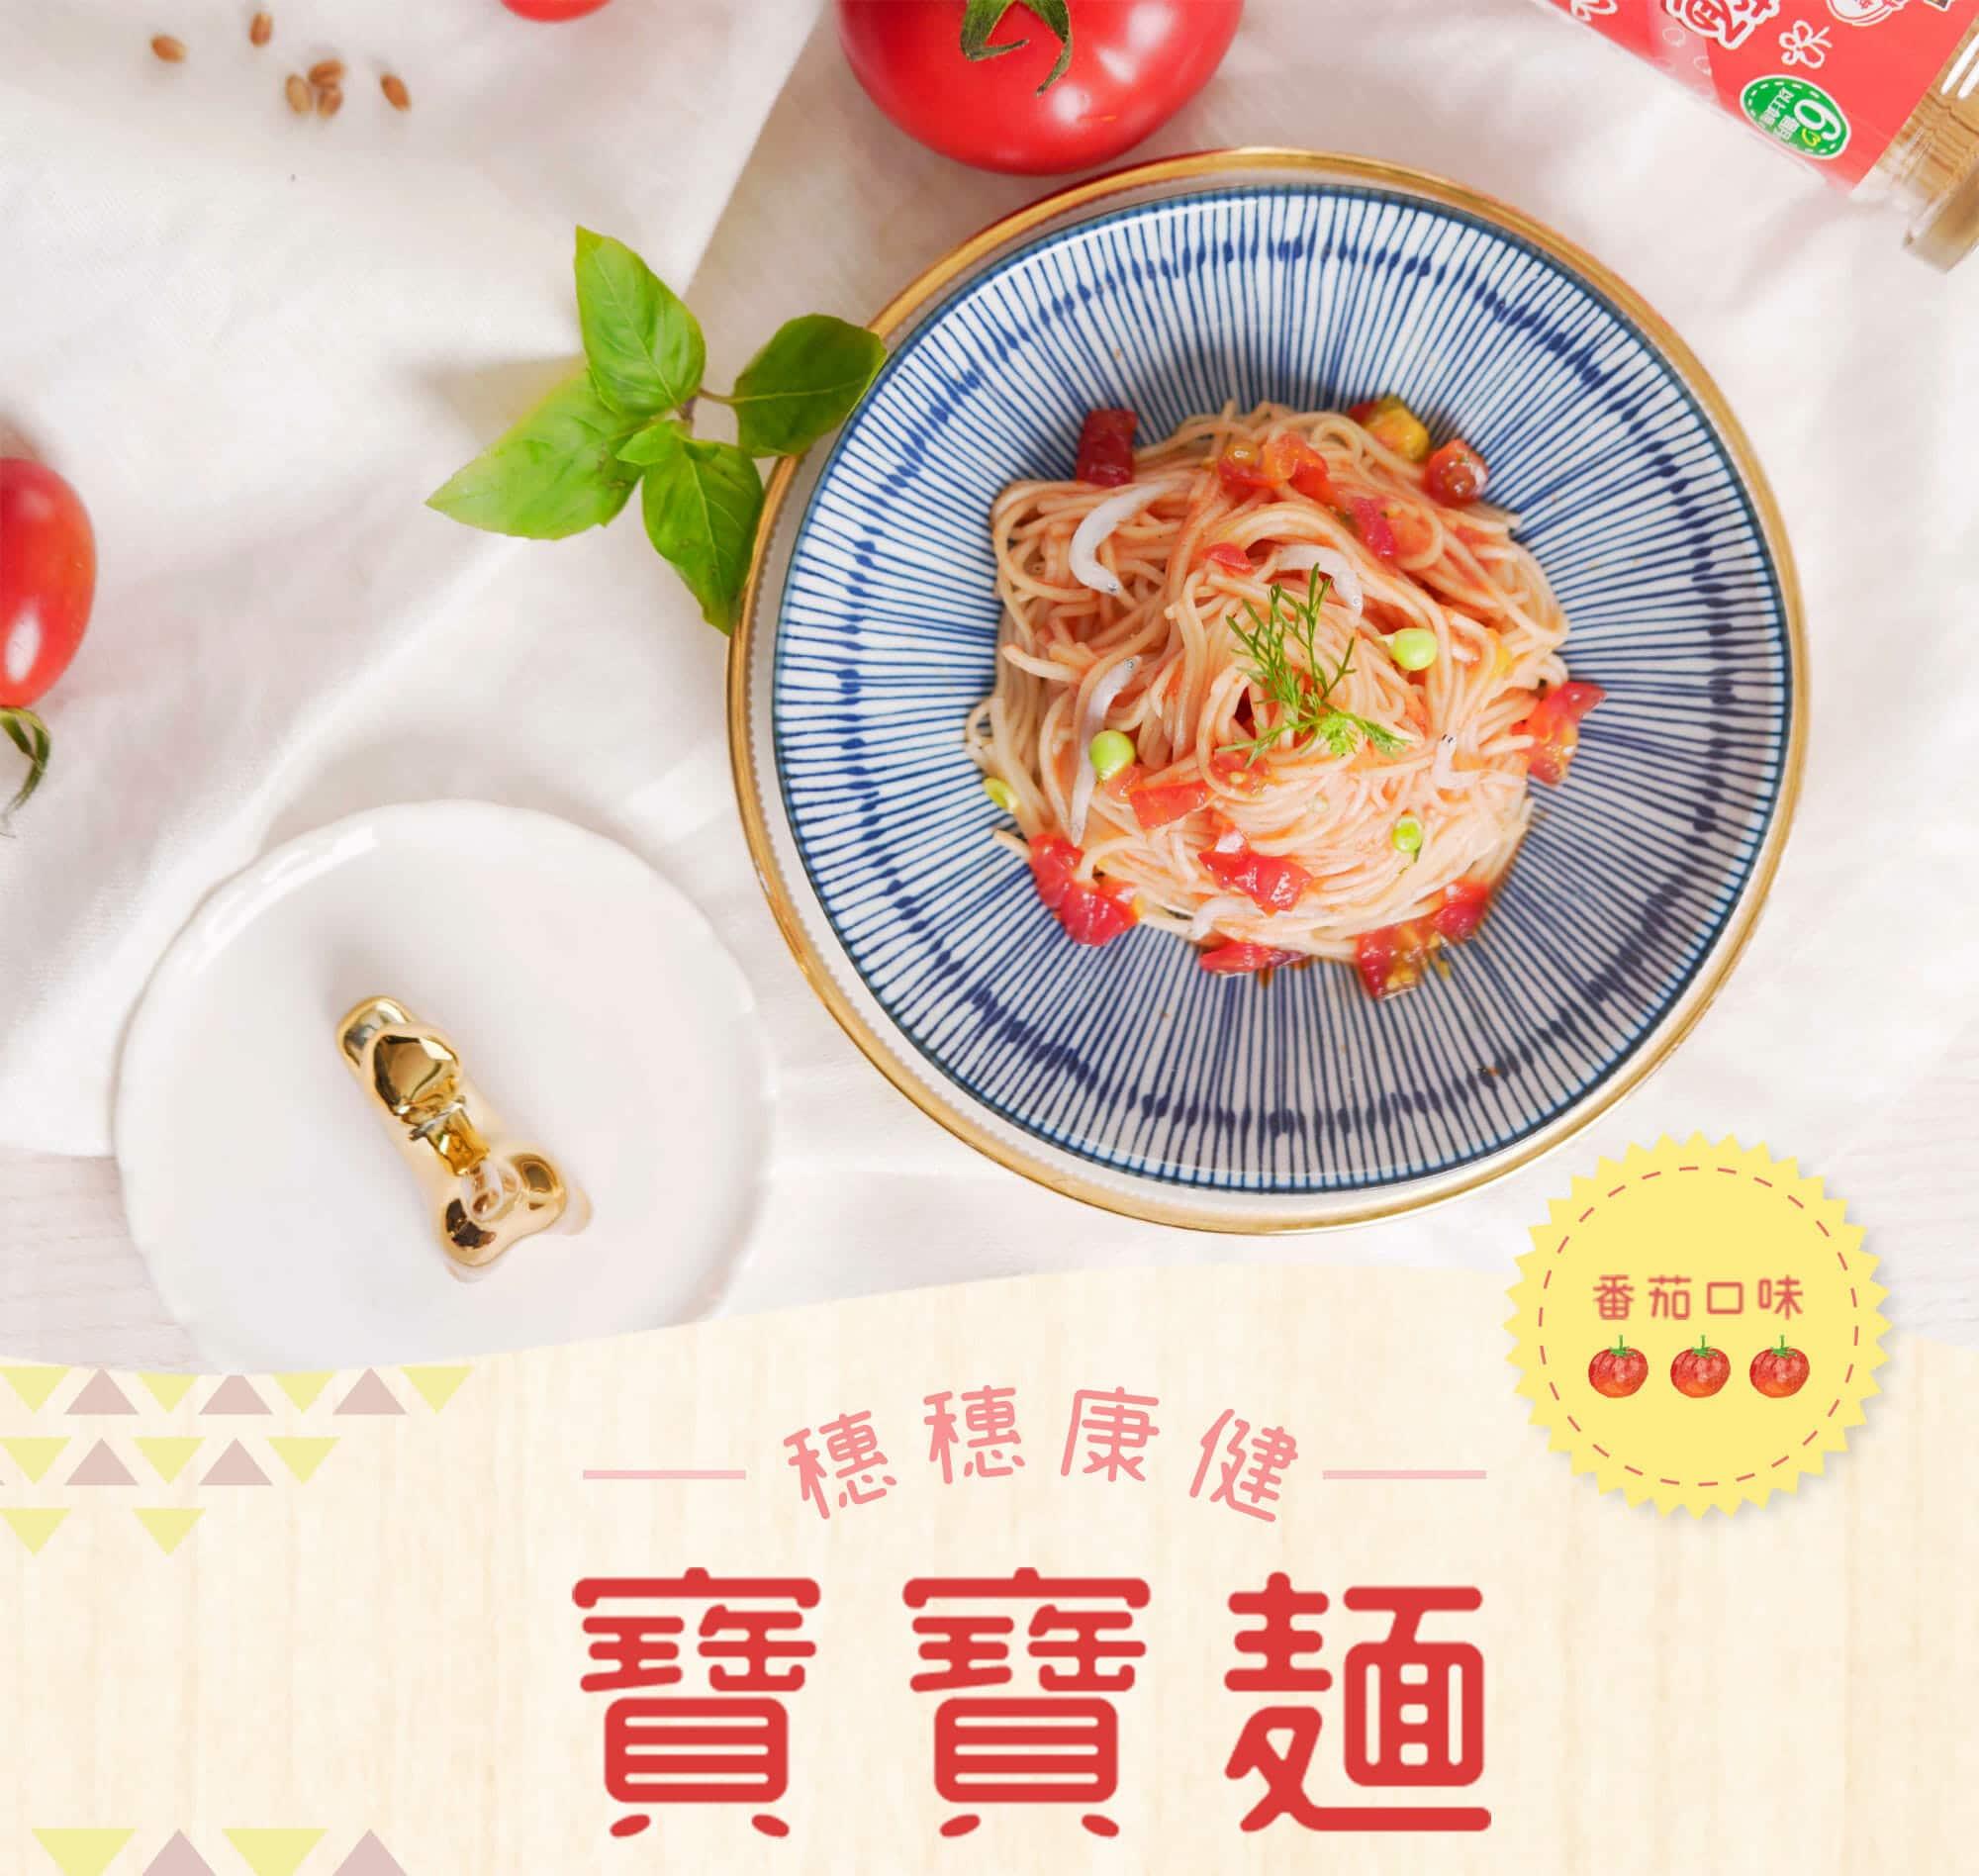 穗穗康健寶寶番茄細麵